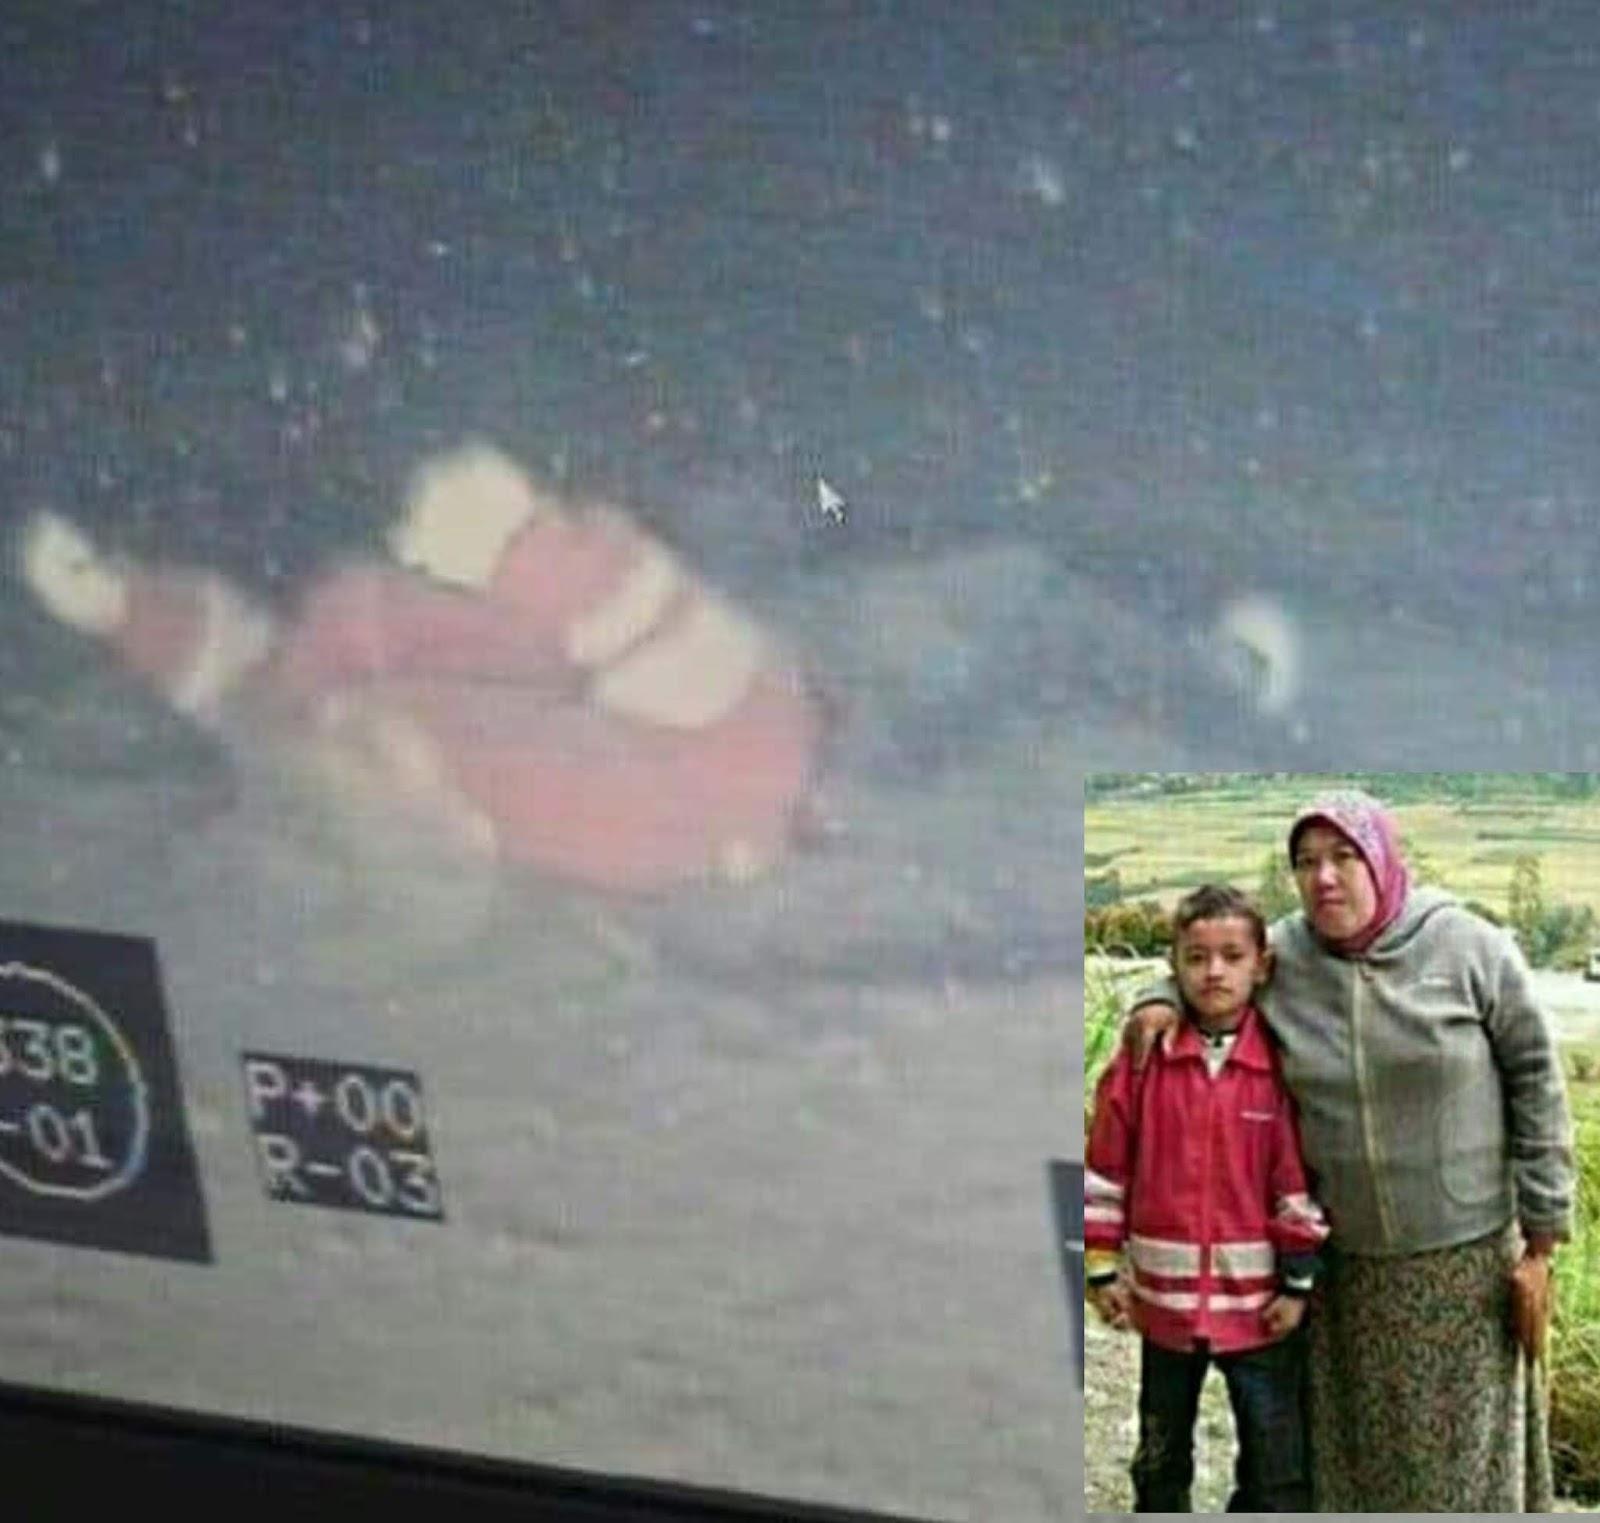 Korban KM Sinar Bangun Dika semasa hidup foto bersama ibunya yang sudah terlebih dahulu ditemukan tewas di Perairan Tigaras Danau Toba.